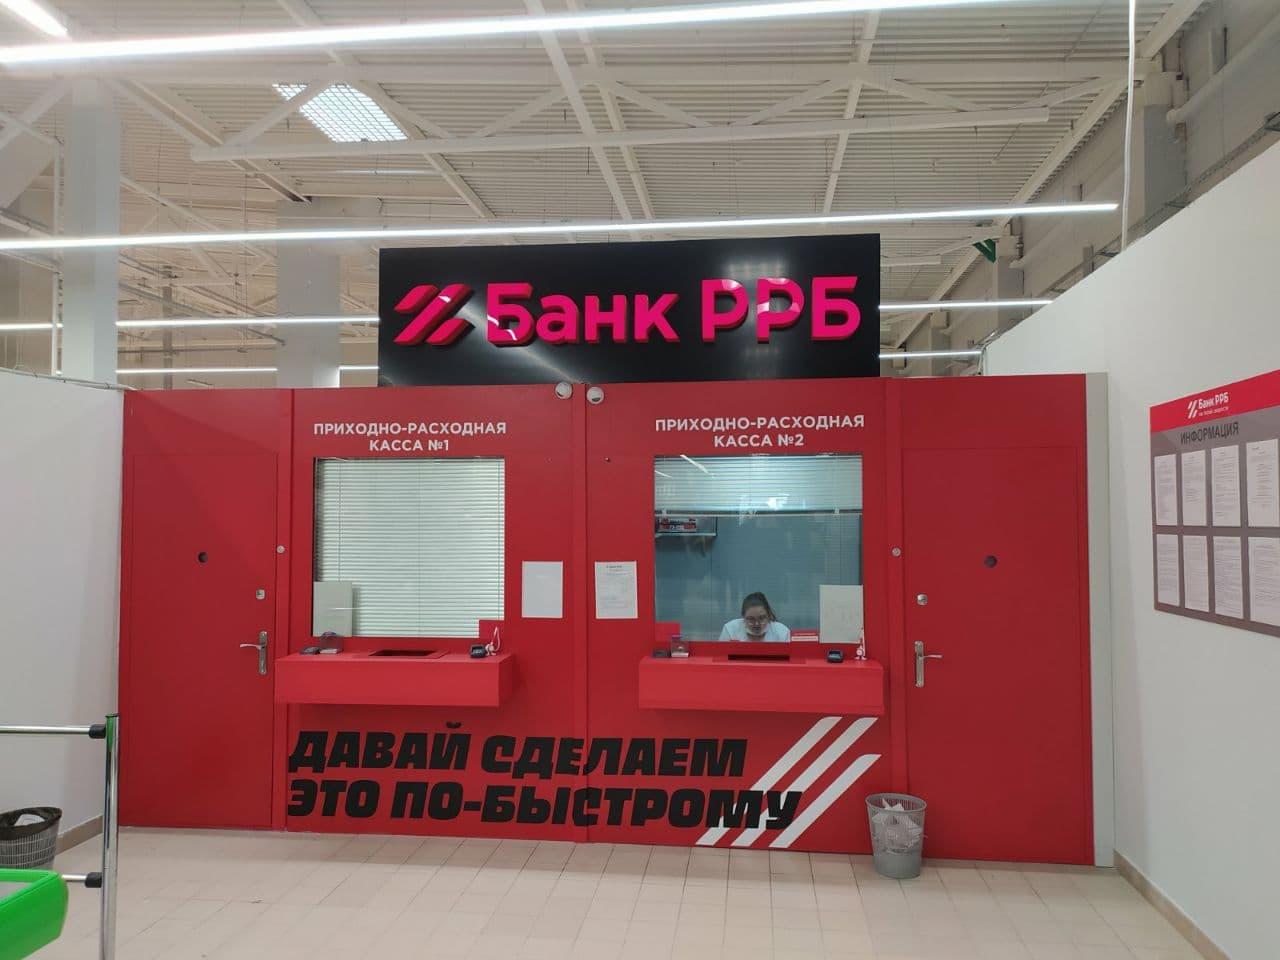 Фото: из архива РРБ-Банка